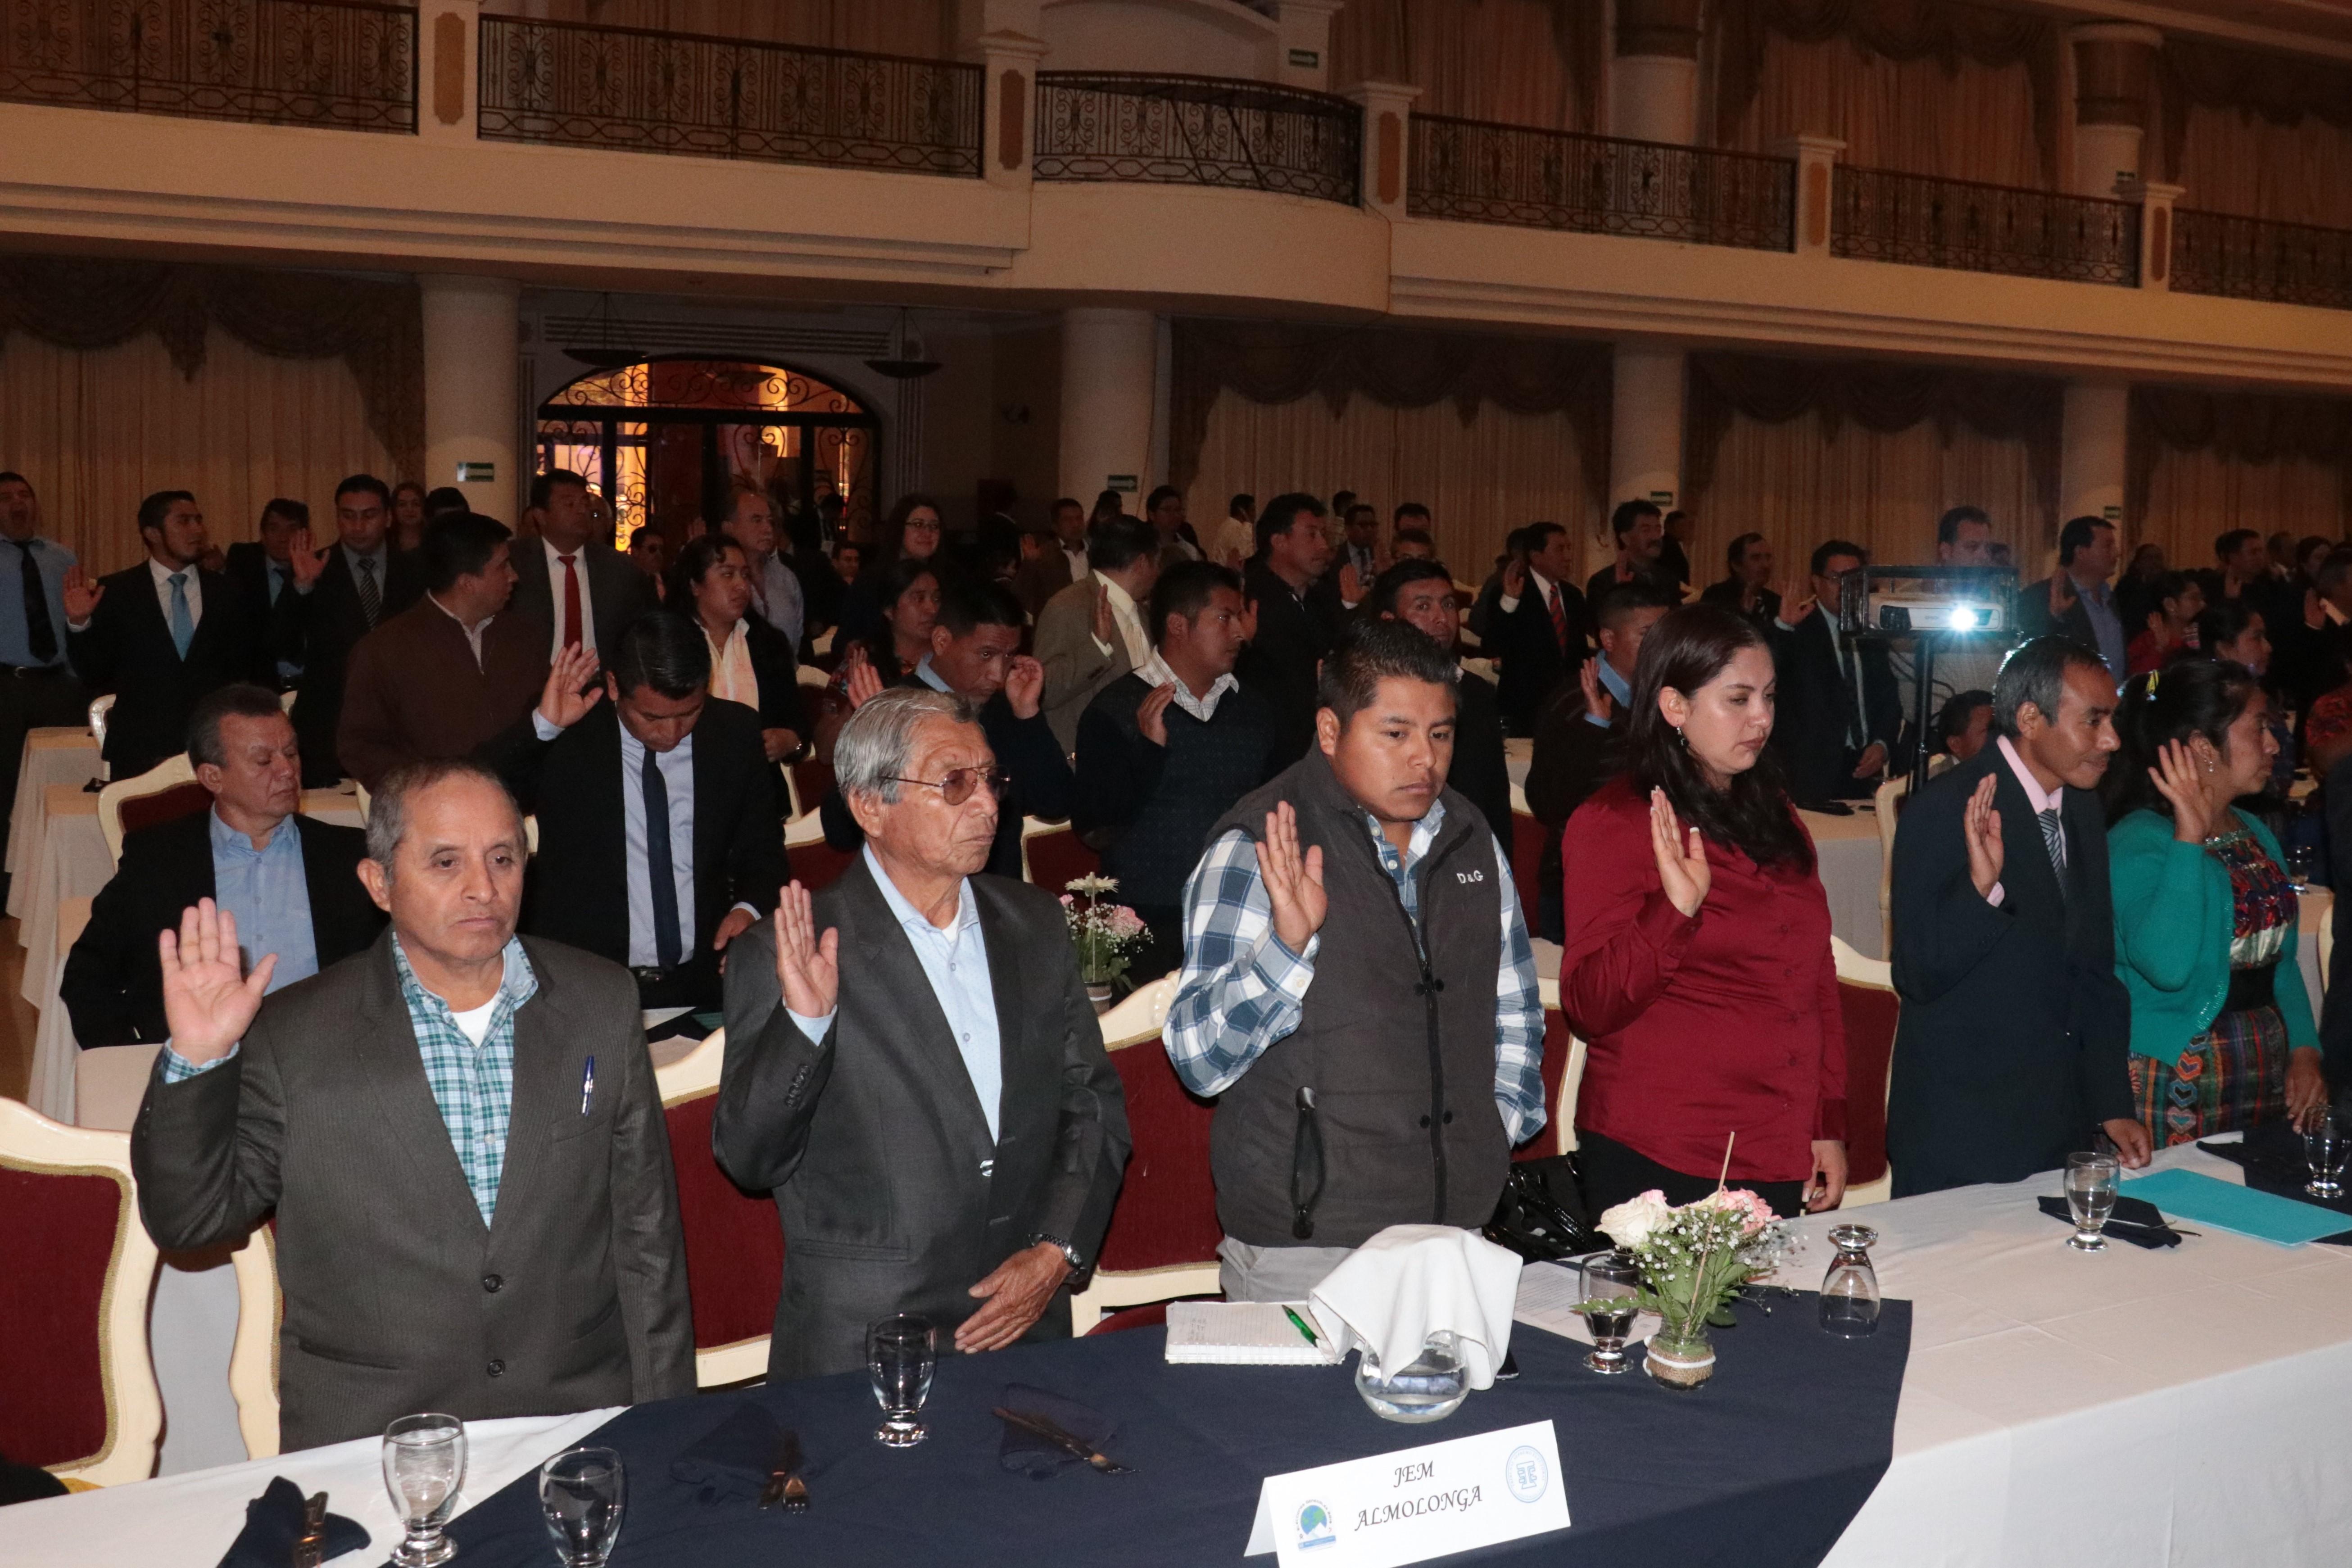 El Tribunal Supremo Electoral juramentó a los 120 integrantes de la juntas electorales municipales de Quetzaltenango. (Foto Prensa Libre: Raúl Juáreaz)